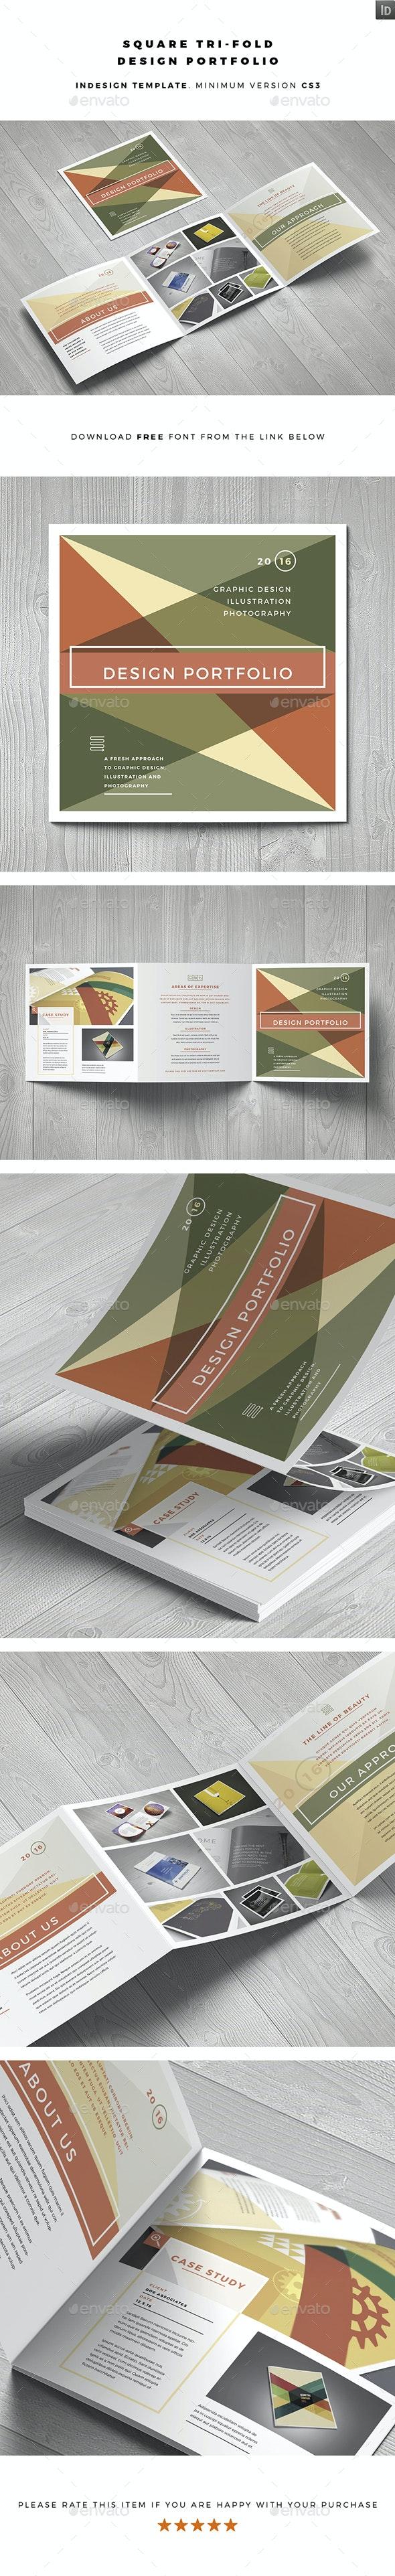 Square Design Portfolio - Portfolio Brochures